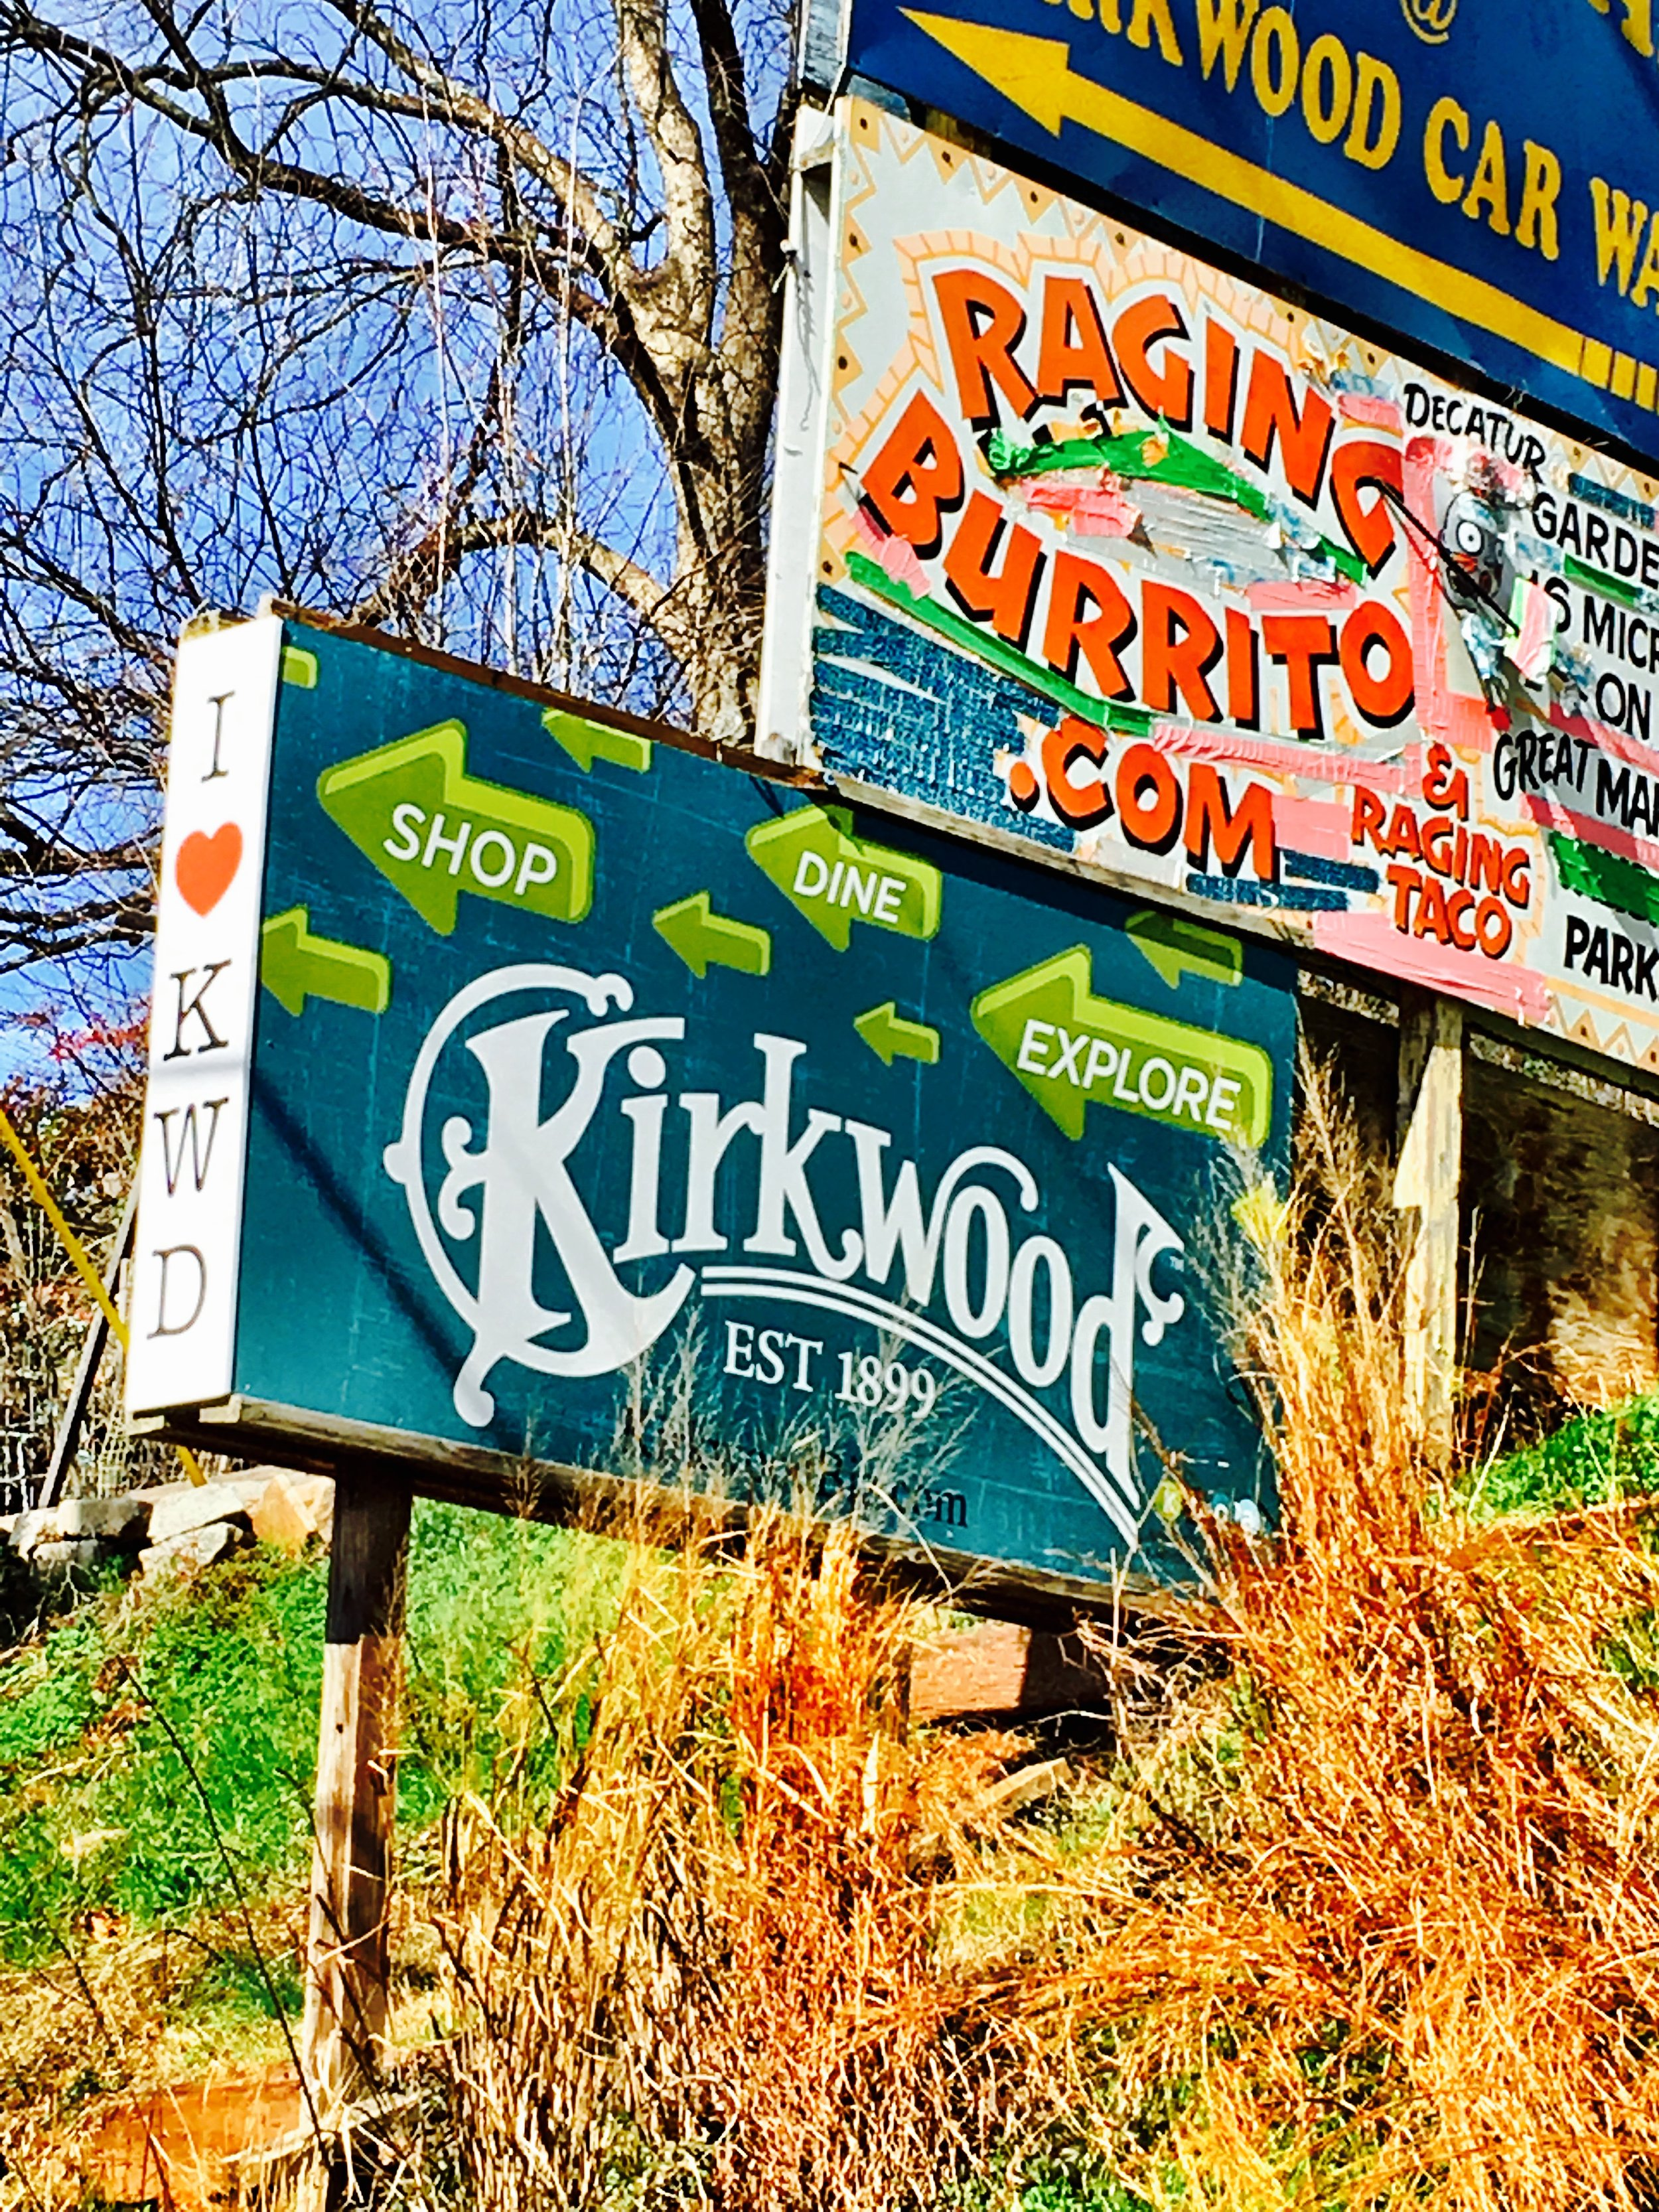 Kirkwood Welcome.jpg